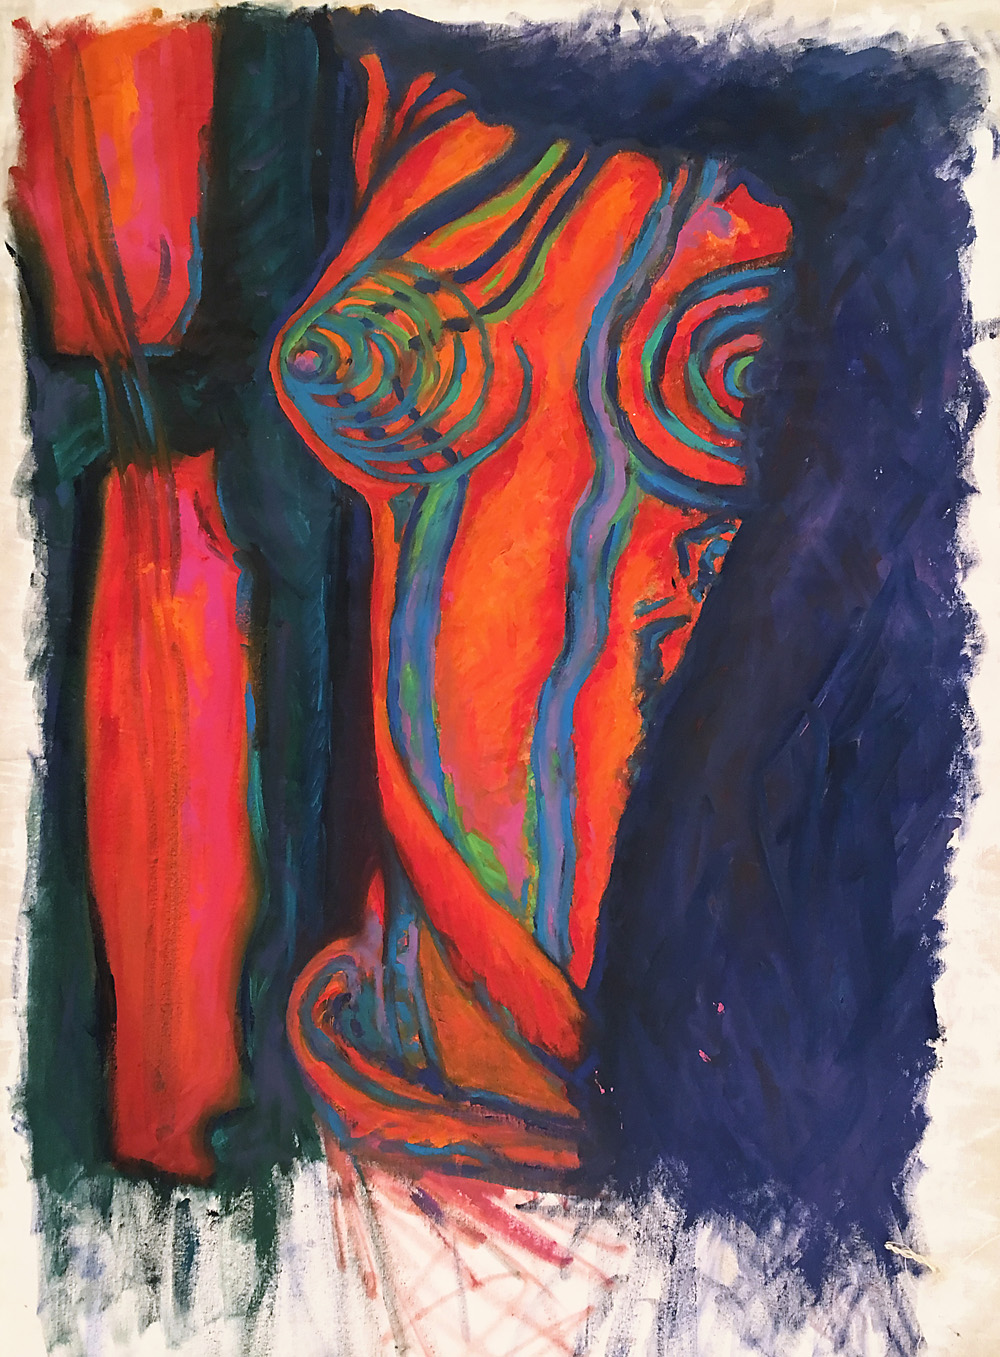 Indira-Cesarine-Girl-in-Window-Oil-on-Canvas-48-x-34-1987-LR.jpg